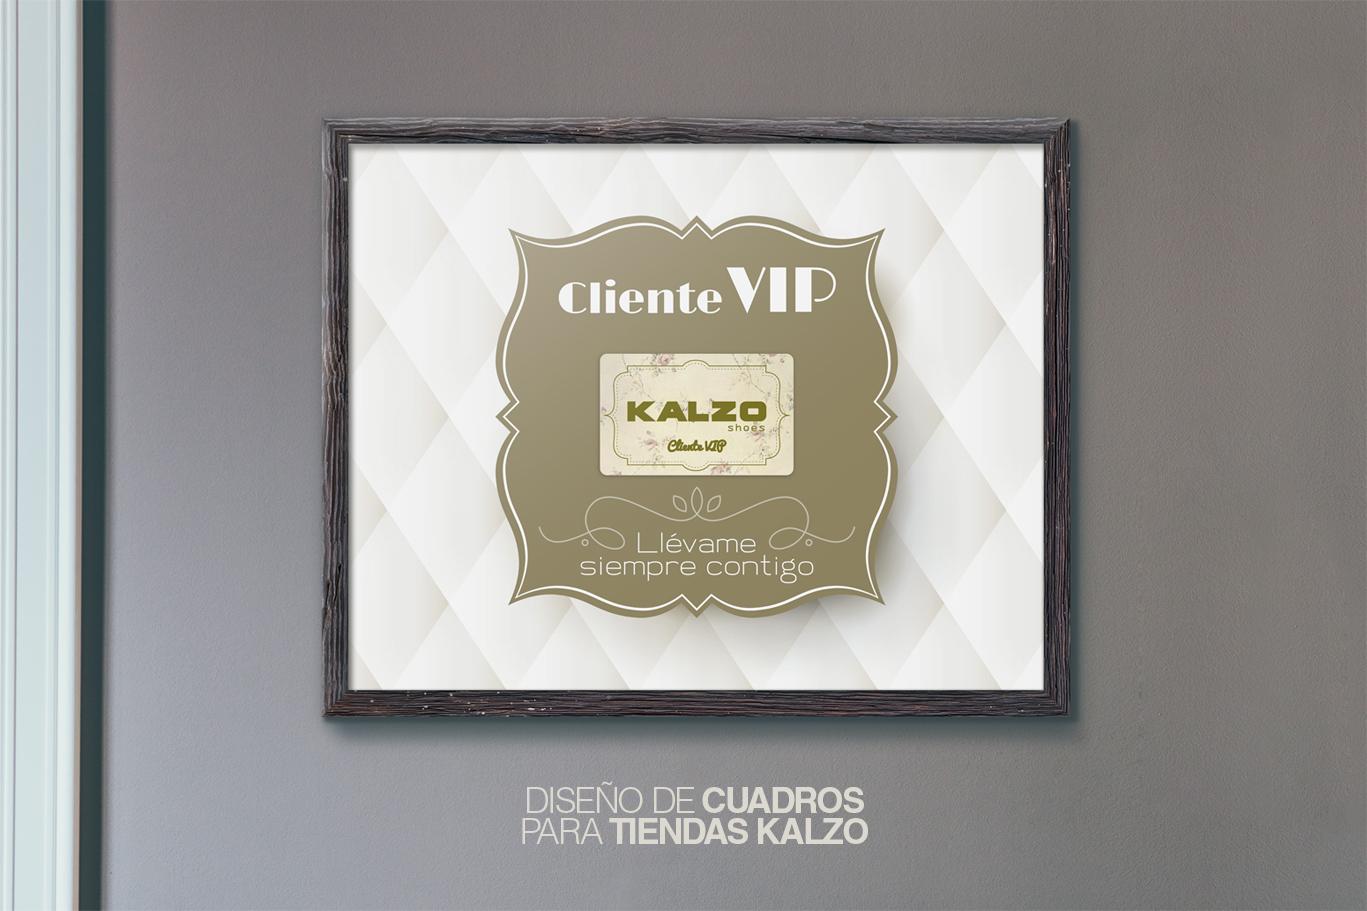 Diseño gráfico, diseño grafico Albacete, diseño de cuadros, cuadros para tarjetas pvc de zapaterías Kalzo